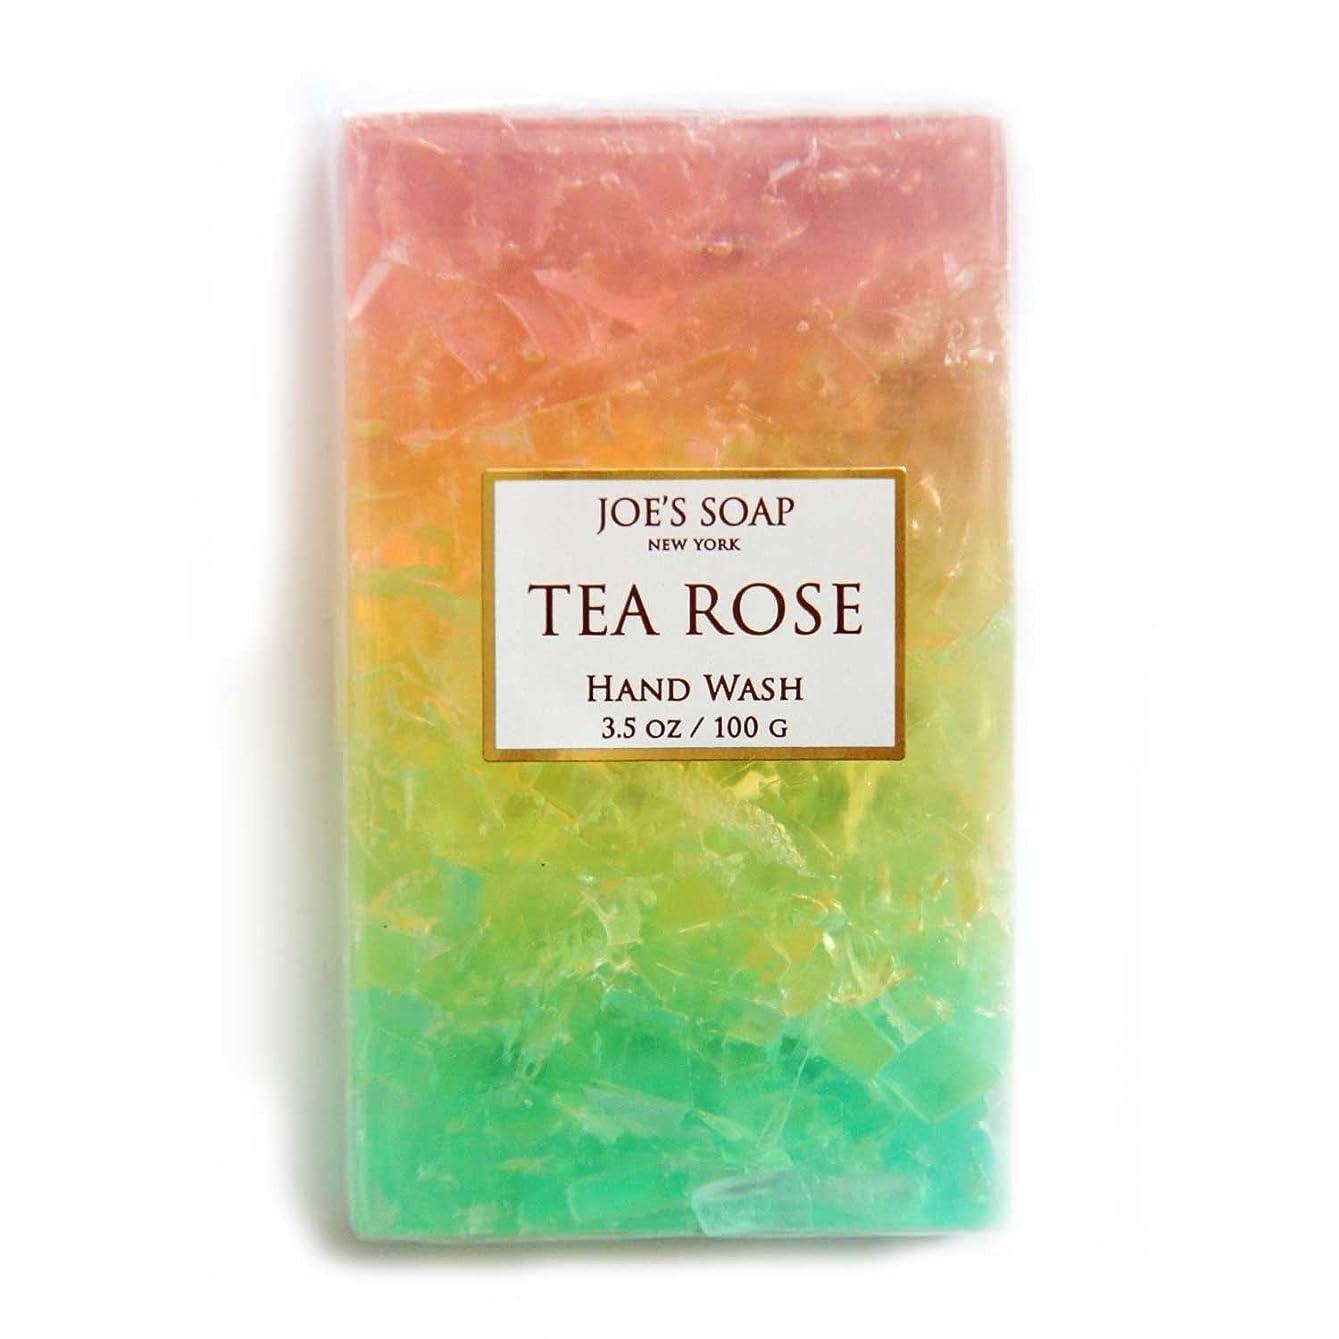 理容師レイ根拠JOE'S SOAP ジョーズソープ グラスソープ 100g 石けん ボディソープ 洗顔料 せっけん 固形 ギフト